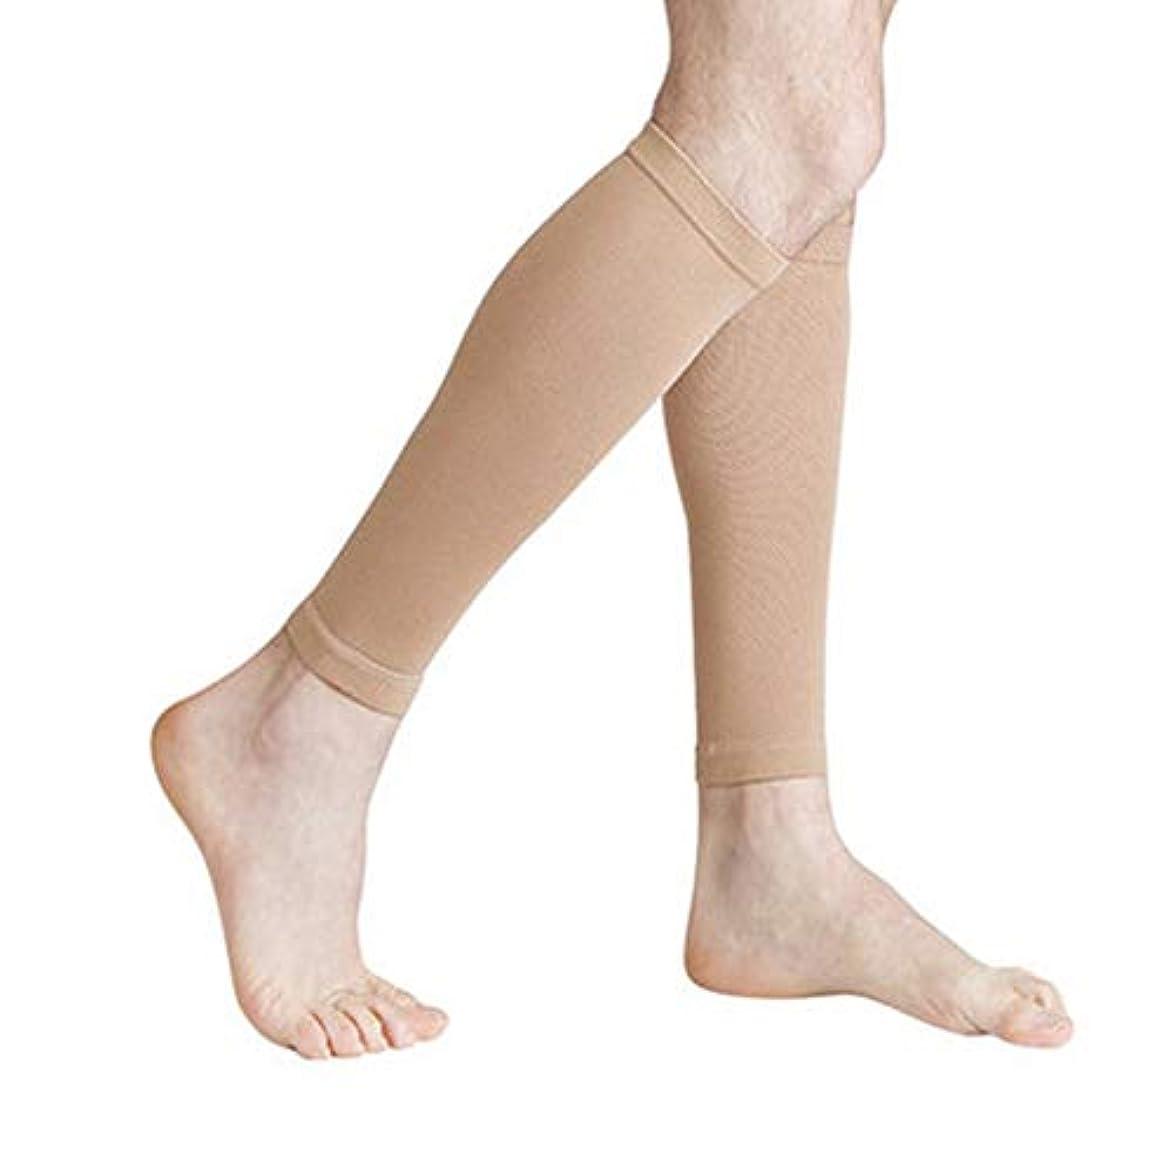 収穫キモいぼろ丈夫な男性女性プロの圧縮靴下通気性のある旅行活動看護師用シントスプリントフライトトラベル - 肌色